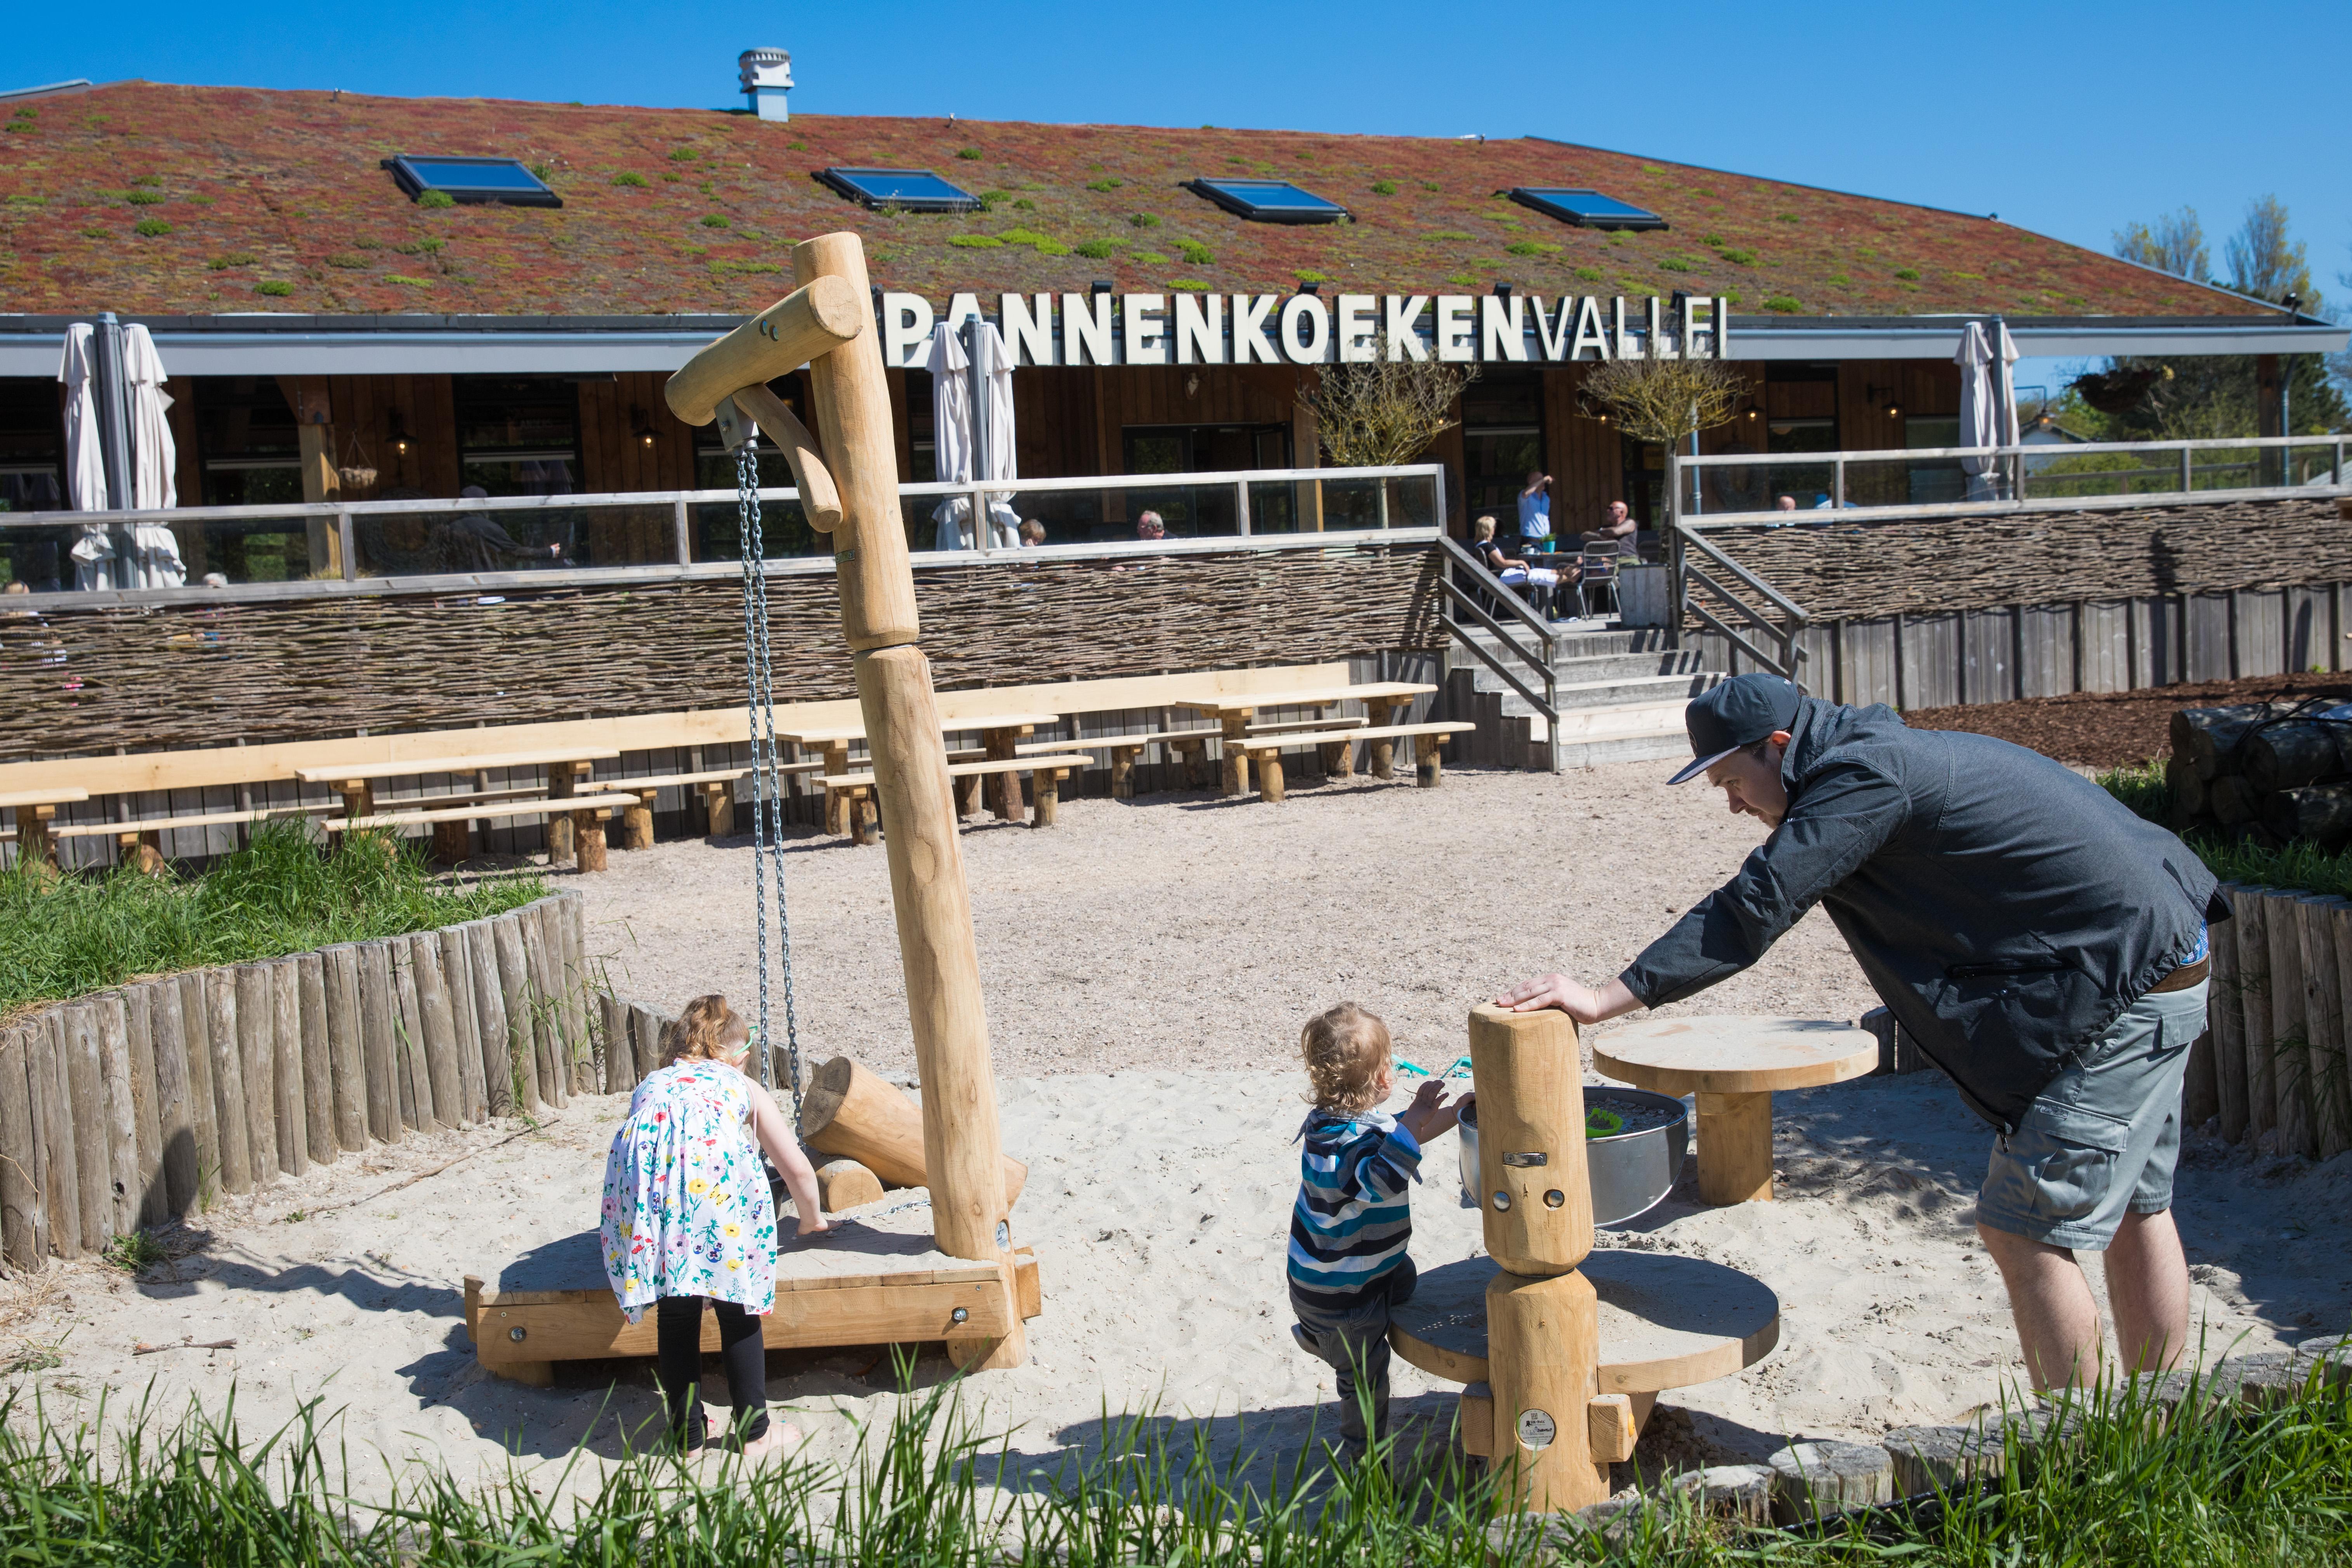 Een uitdagend klimtoestel voor kinderen van 4 tot 12 jaar. (Foto: Vincent de Vries / RM)